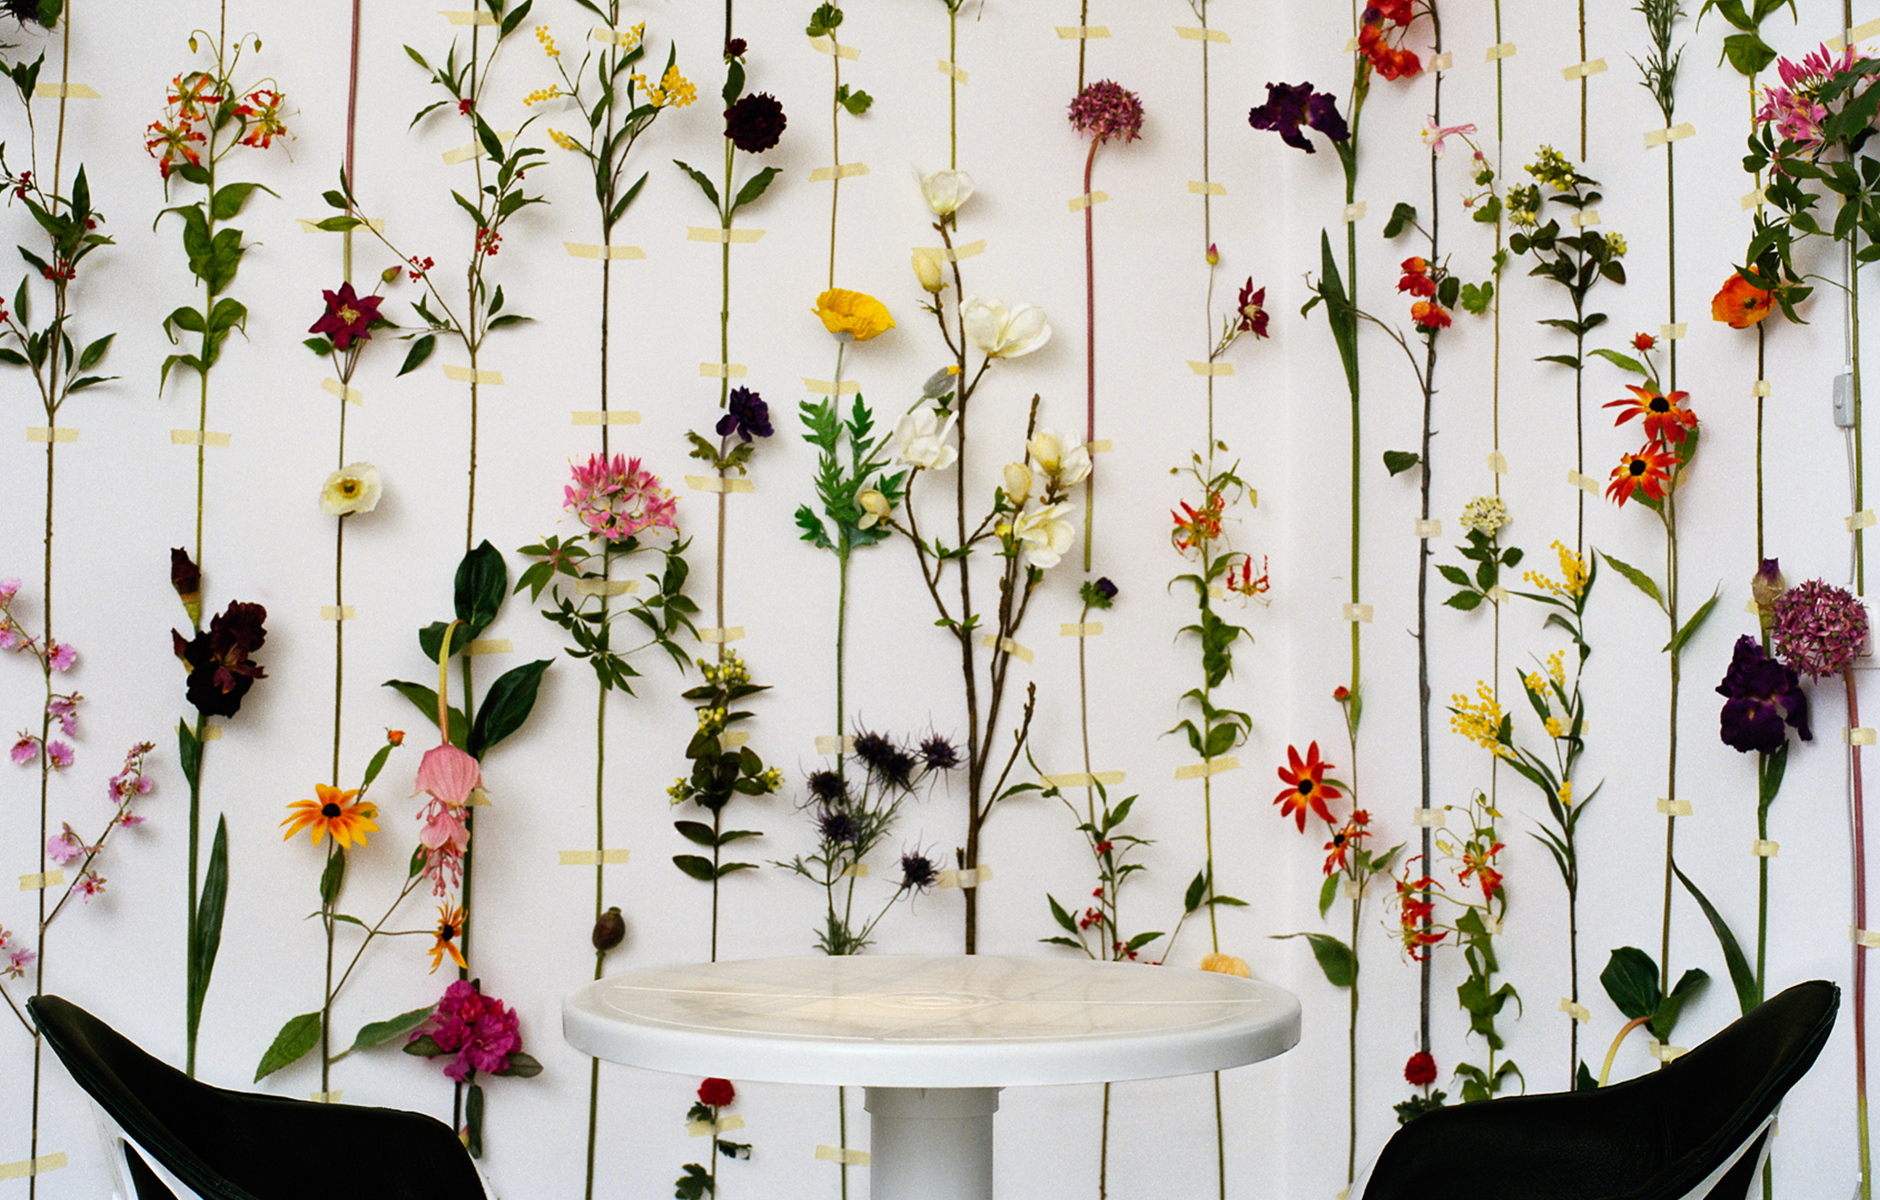 Sommerlich - Blütenpracht; echte Blüten als Wandbehang in Tensa Konsthall